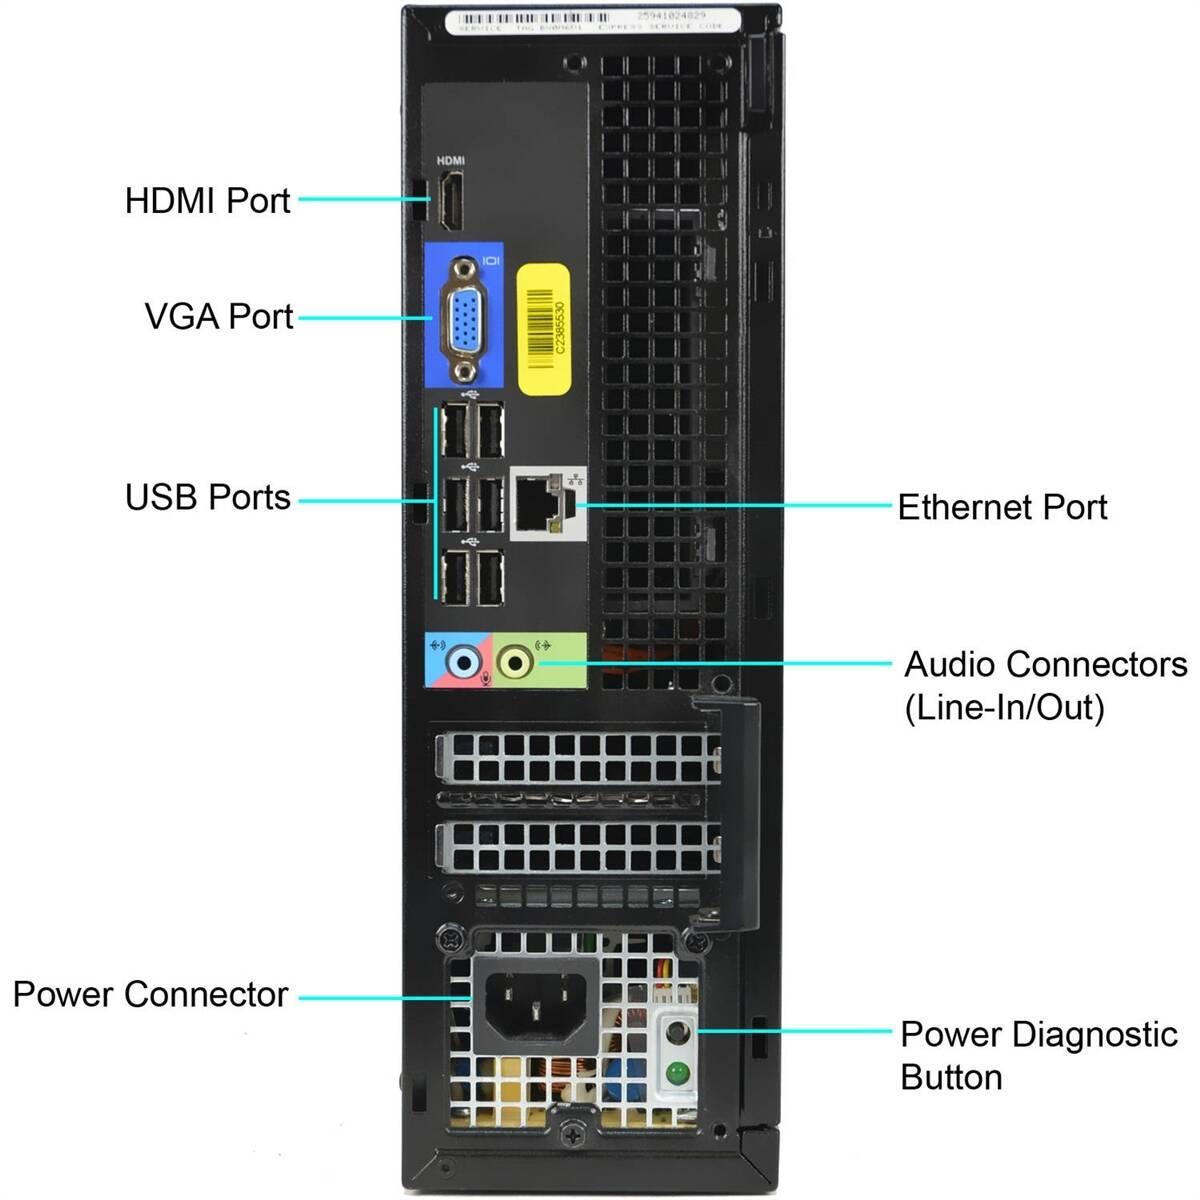 Dell Optiplex 3010 I5 3550 RAM 4GB SSD 128GB + HDD 500GB